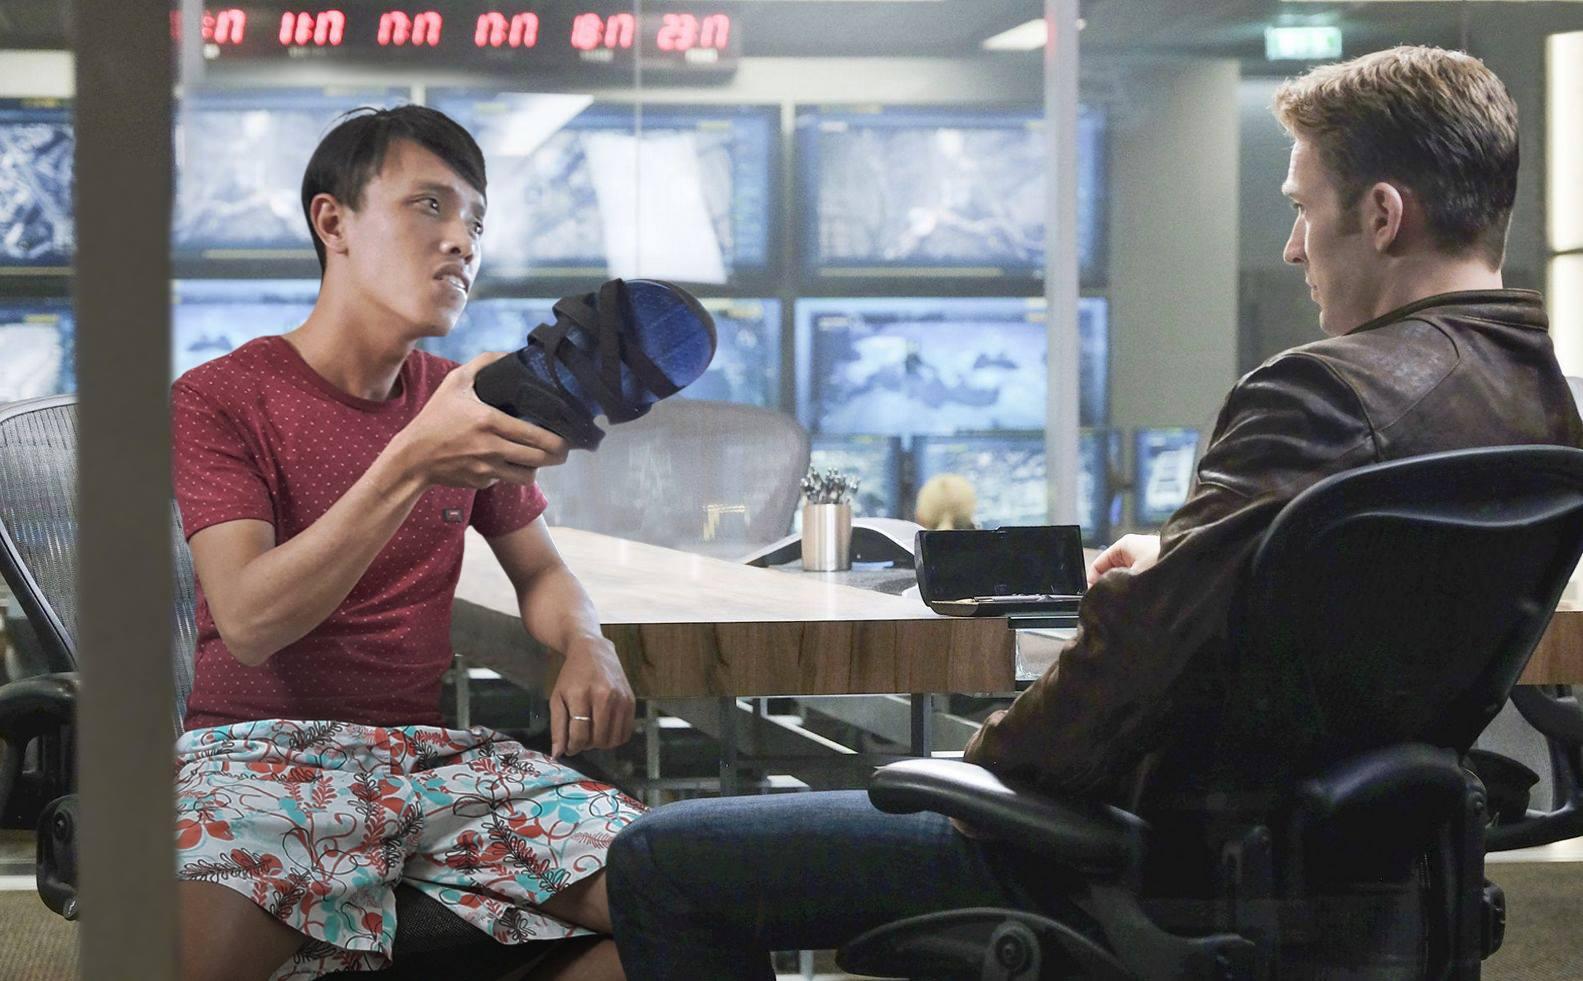 Thực hư chuyện 1 thanh niên người Việt xuất hiện trong các bom tấn Hollywood?